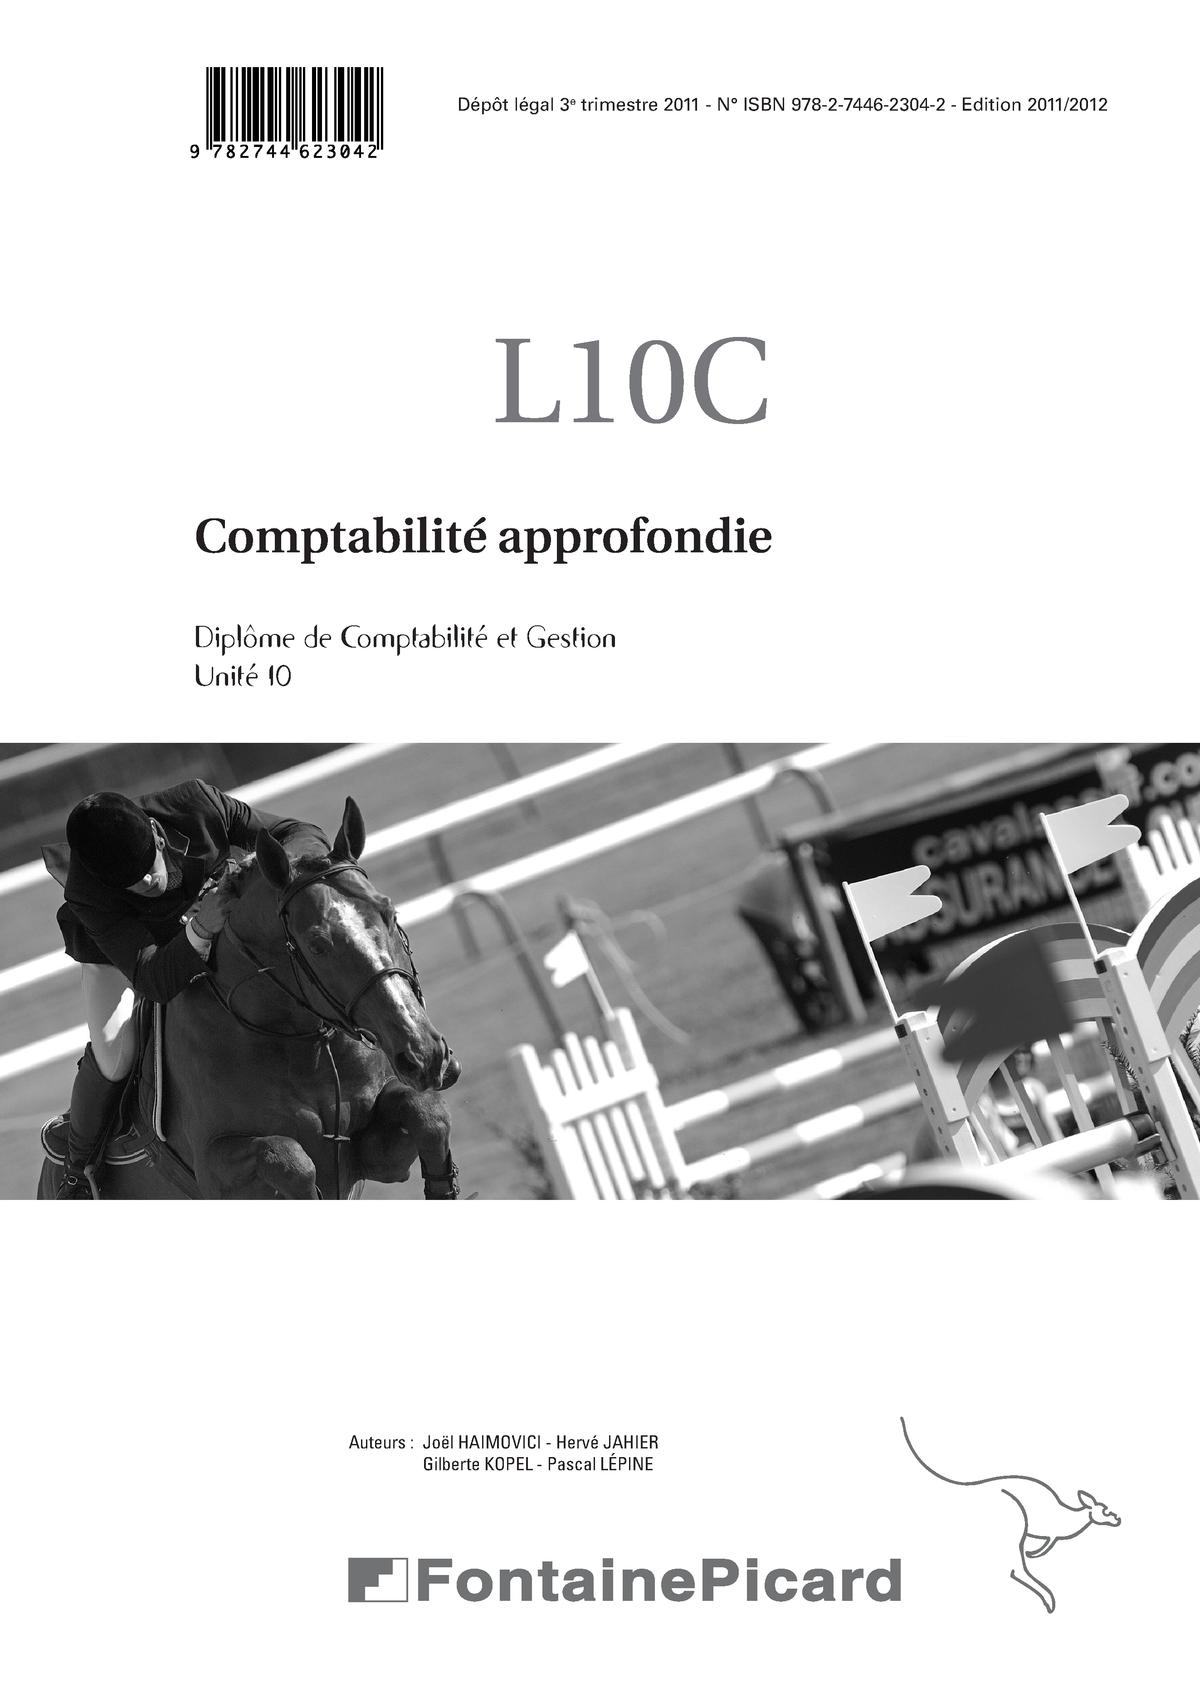 6230010Comptabilité Studocu Appro Correction Sociétés Compta Des PwZTOkXiu